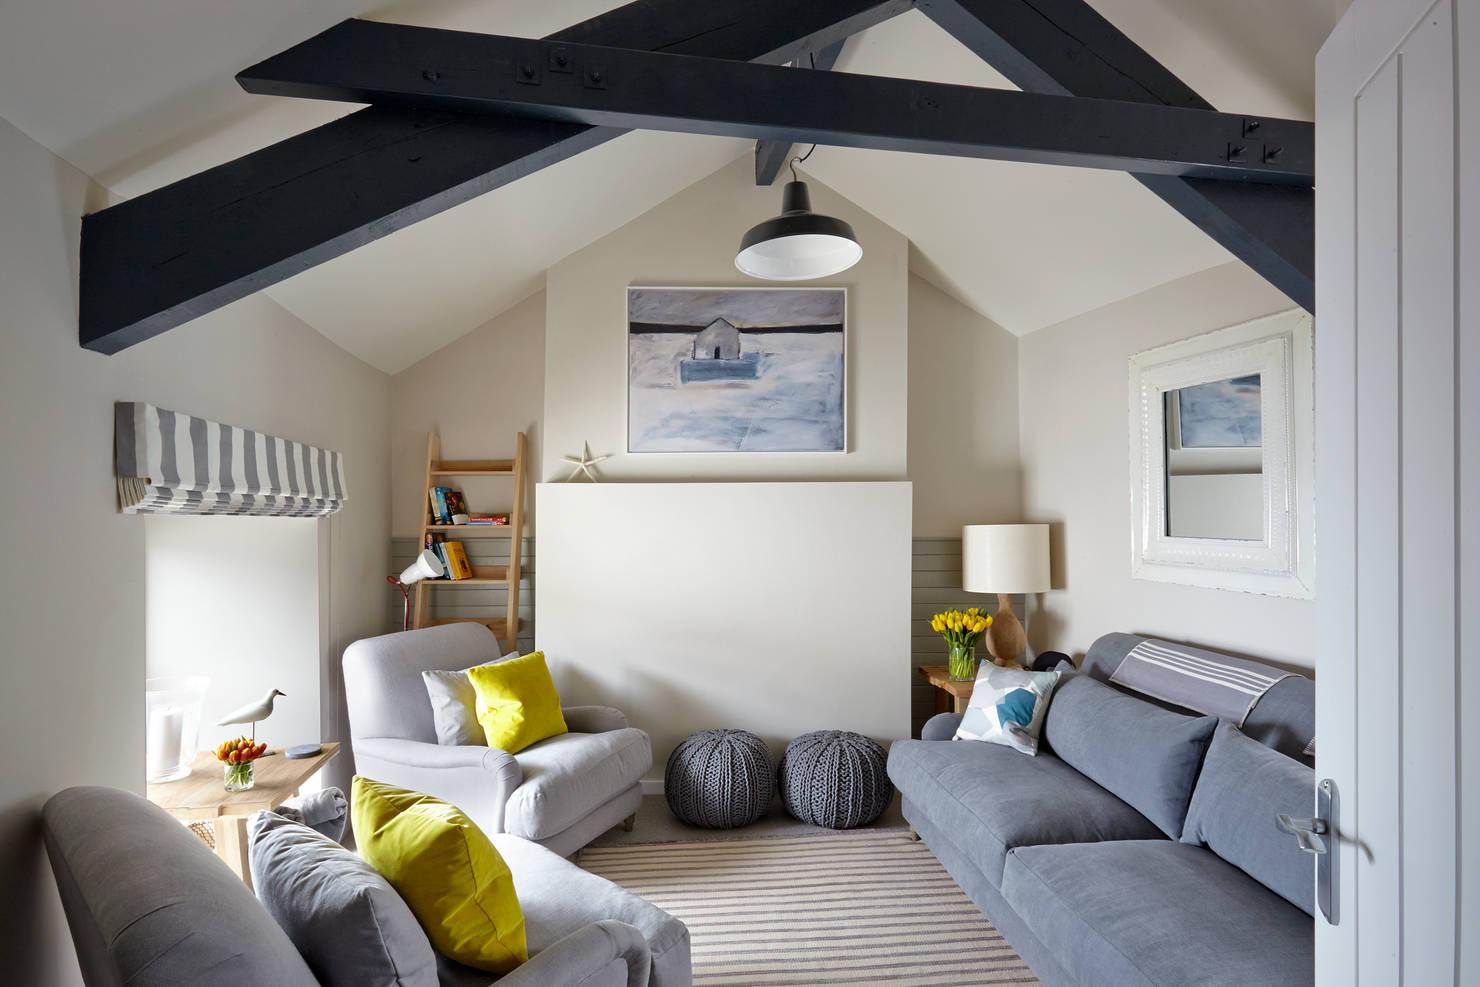 Wohnzimmer für unter 100 € verschönern: 9 fantastische Ideen!